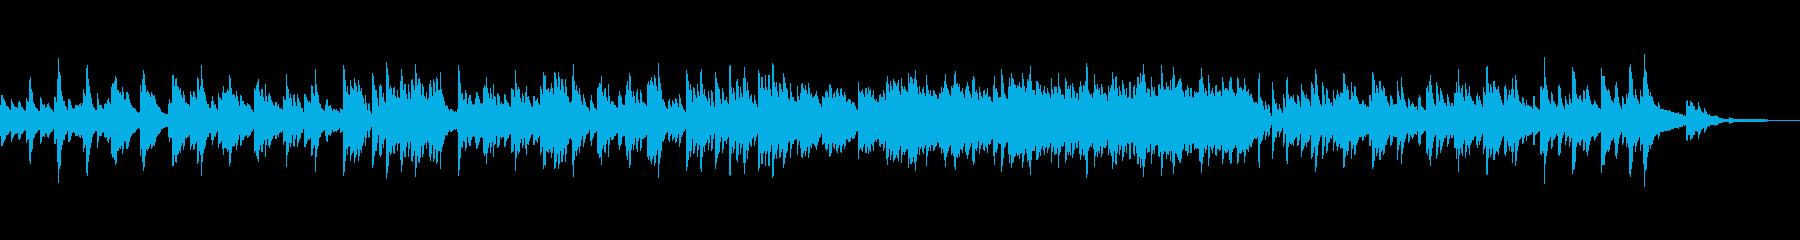 ピアノソロ映像や企業VPに優しく穏やか曲の再生済みの波形